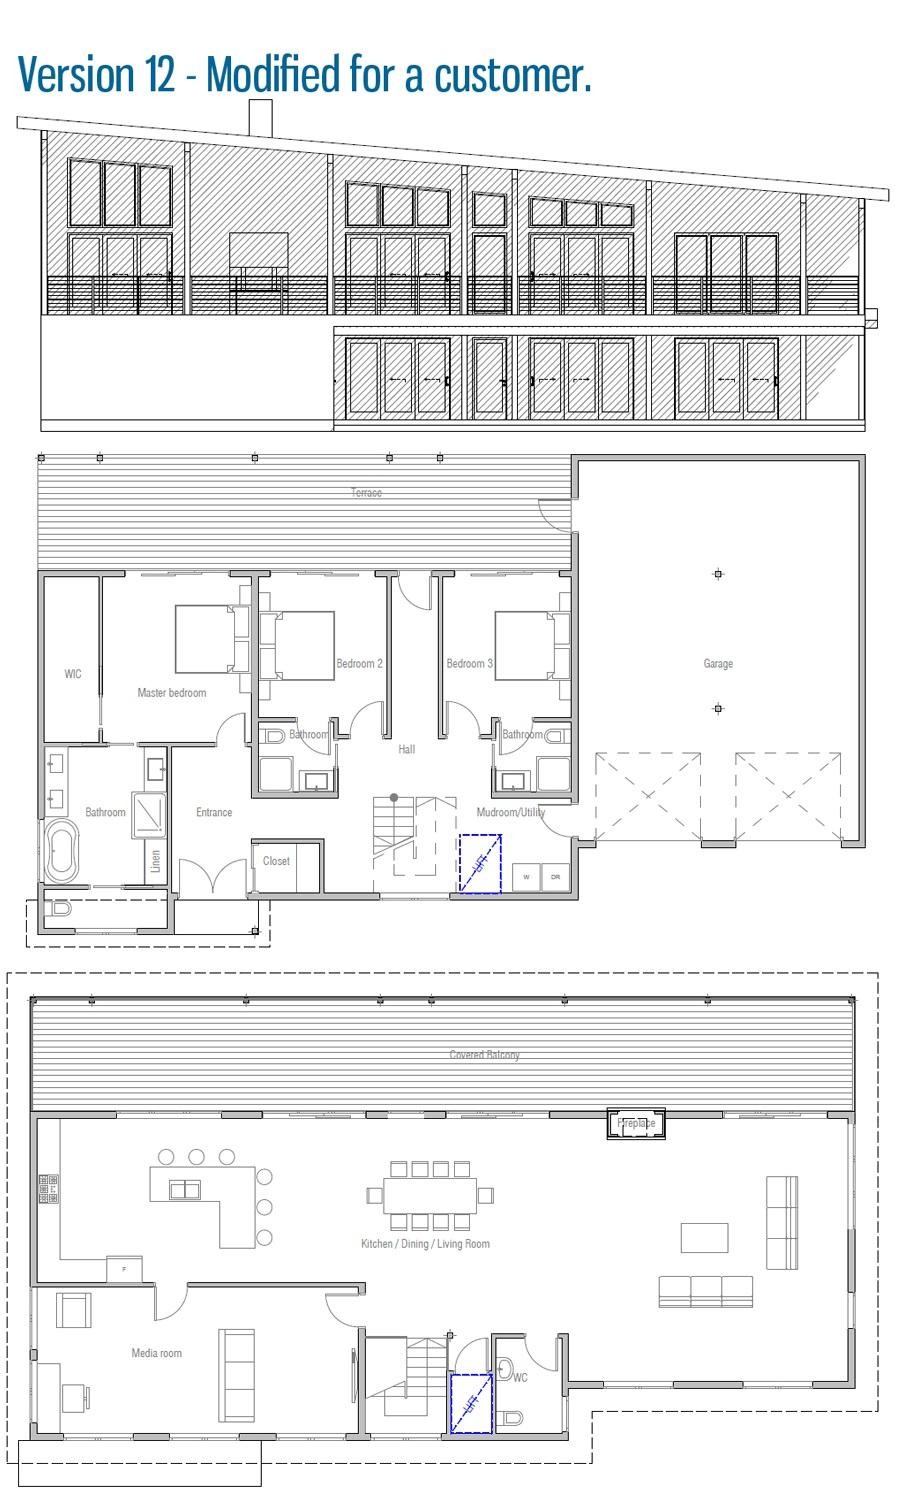 modern-houses_60_CH517_V12.jpg